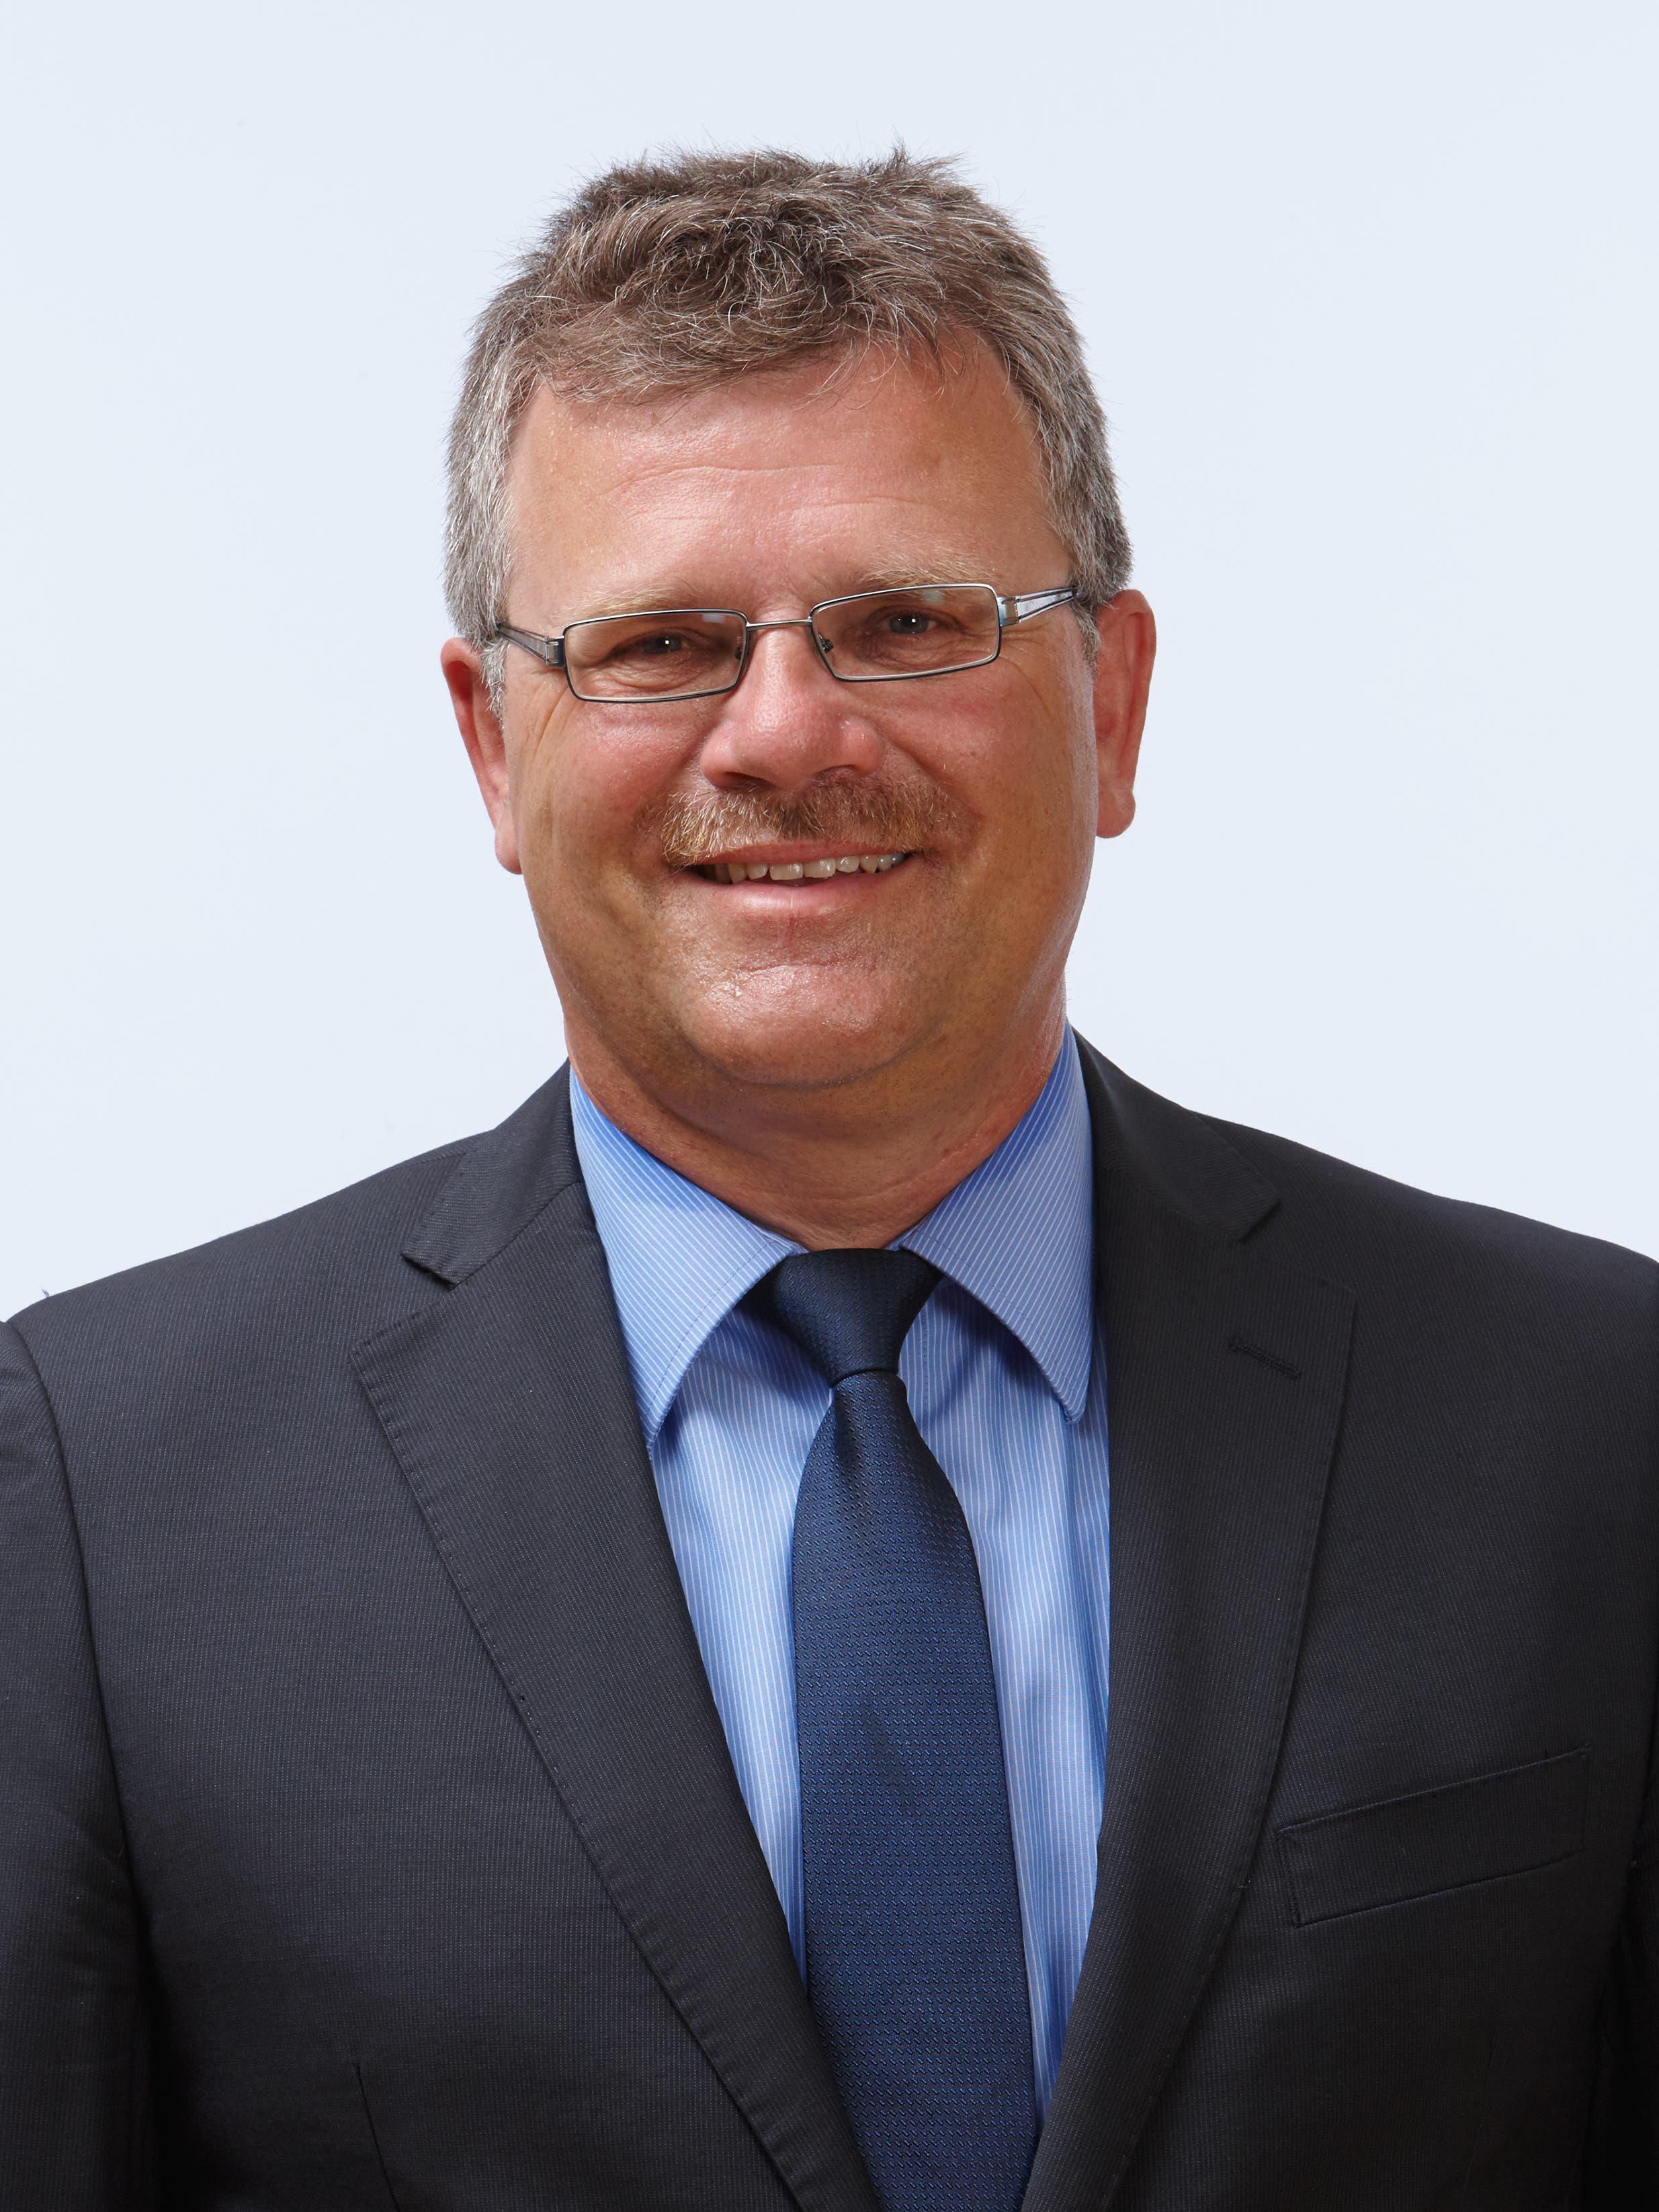 Gewählt: Patrick Meier, CVP (bisher)